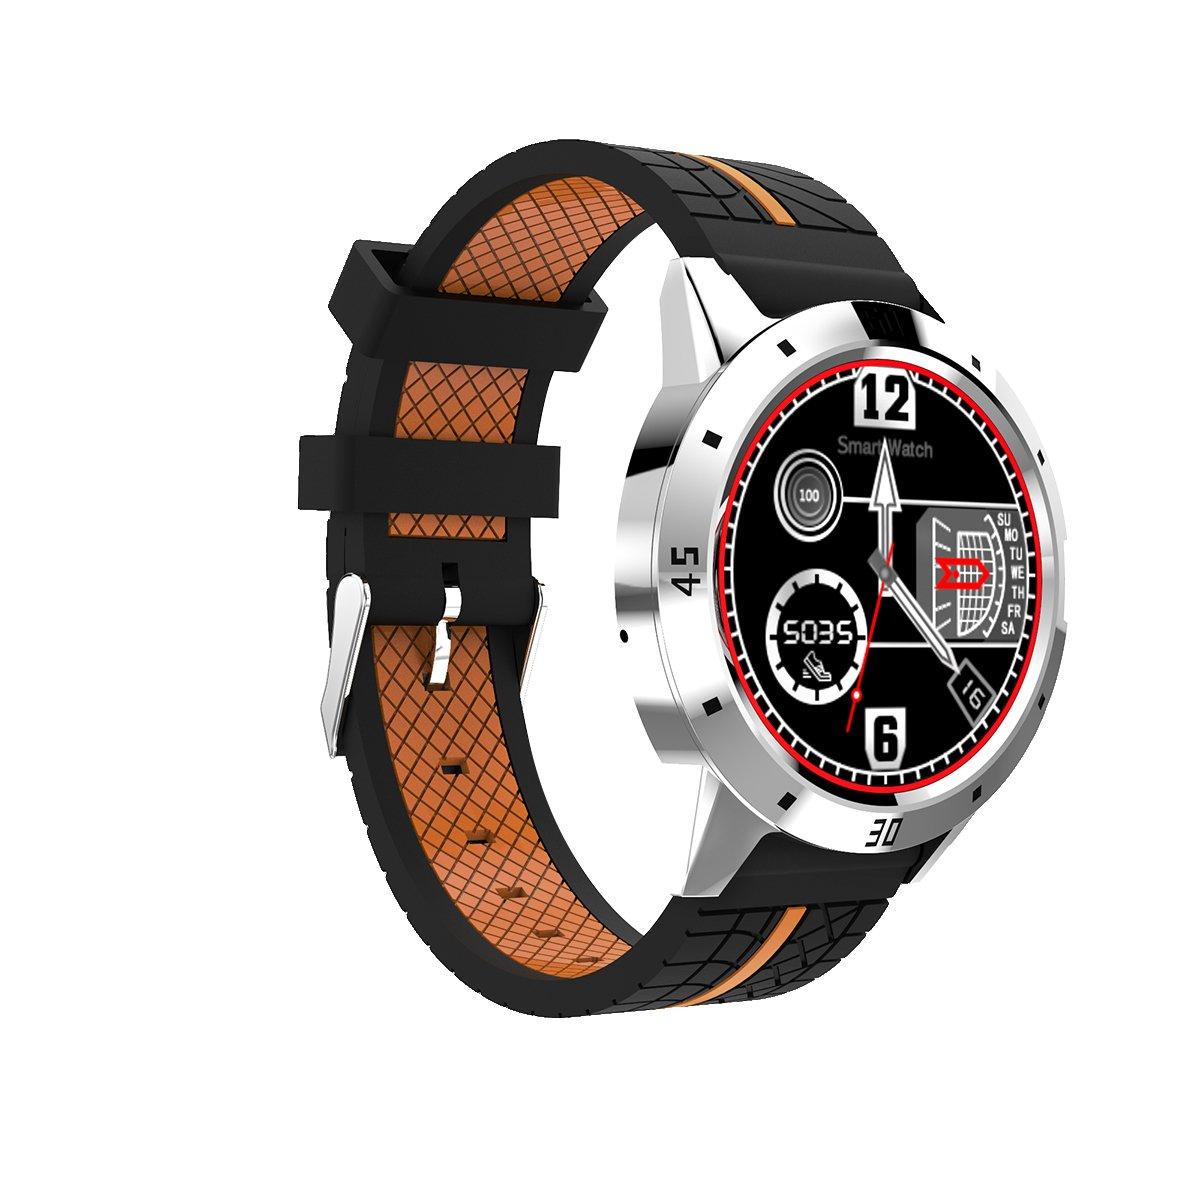 Diggro DI02 Smartwatch Bluetooth Siri Reloj inteligente MTK2502C 128MB + 64MB Monitor de Frecuencia Cardíaca Pedometer Monitor de sueño Recordatorio ...